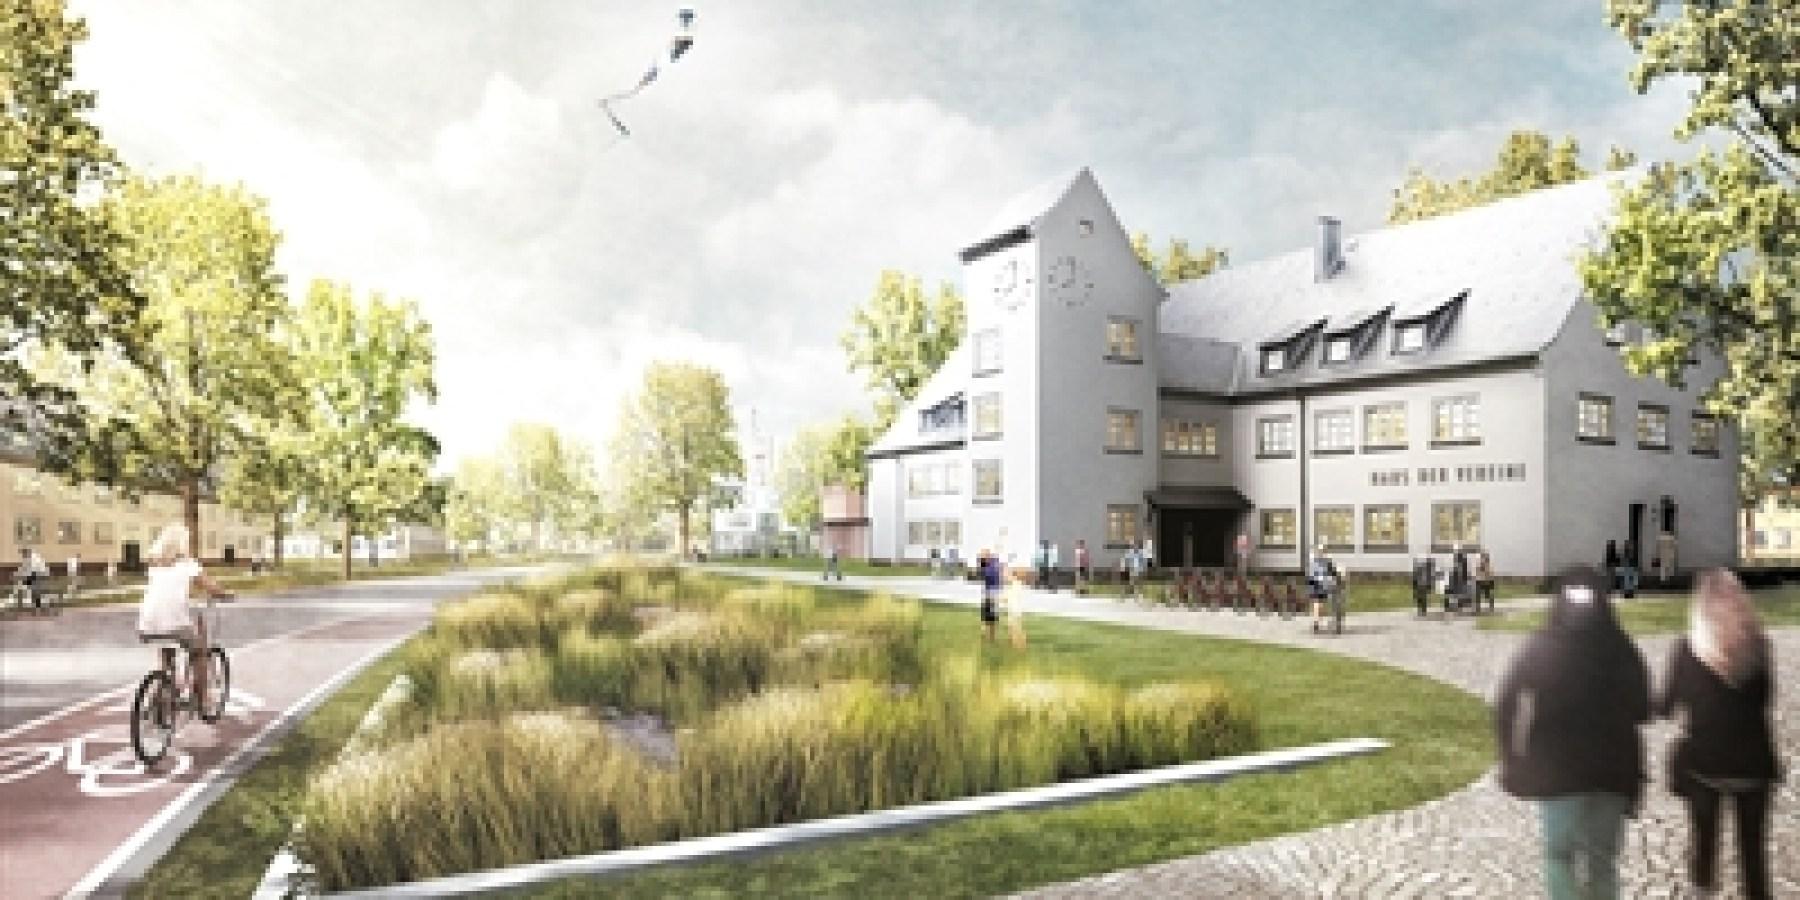 York und Oxford: Bagger im Einsatz für Rückbau und Sanierungsarbeiten